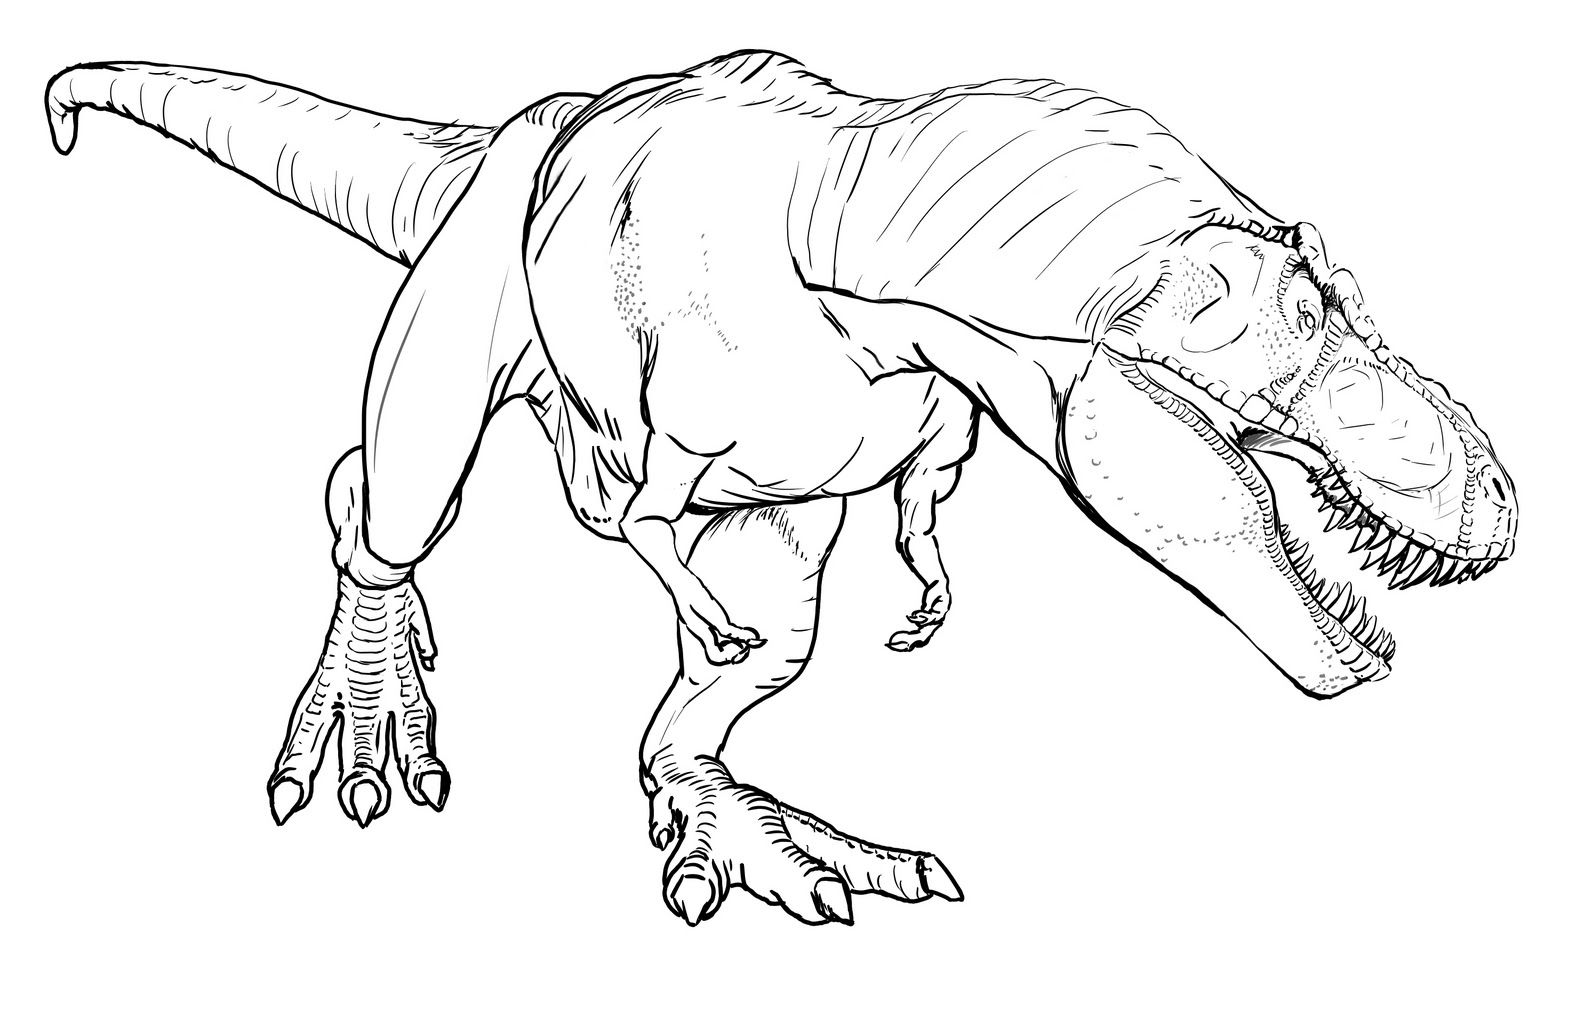 T Rex Disegni Da Colorare.30 Idea Dinosauro T Rex Da Colorare Dinosauro Tirannosauro Pagine Da Colorare